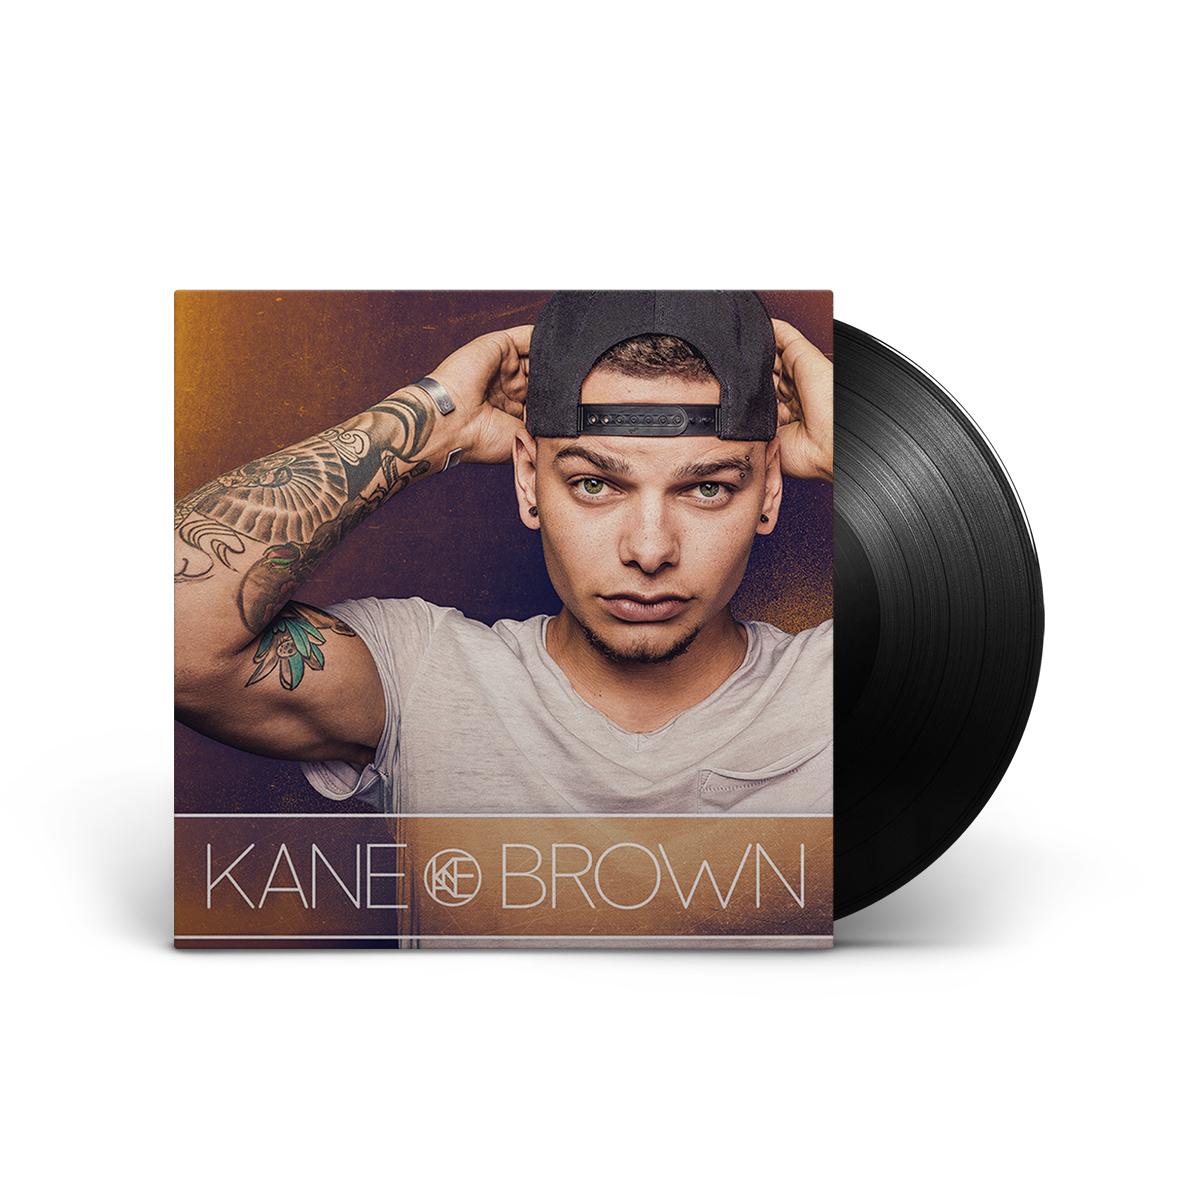 Kane Brown LP